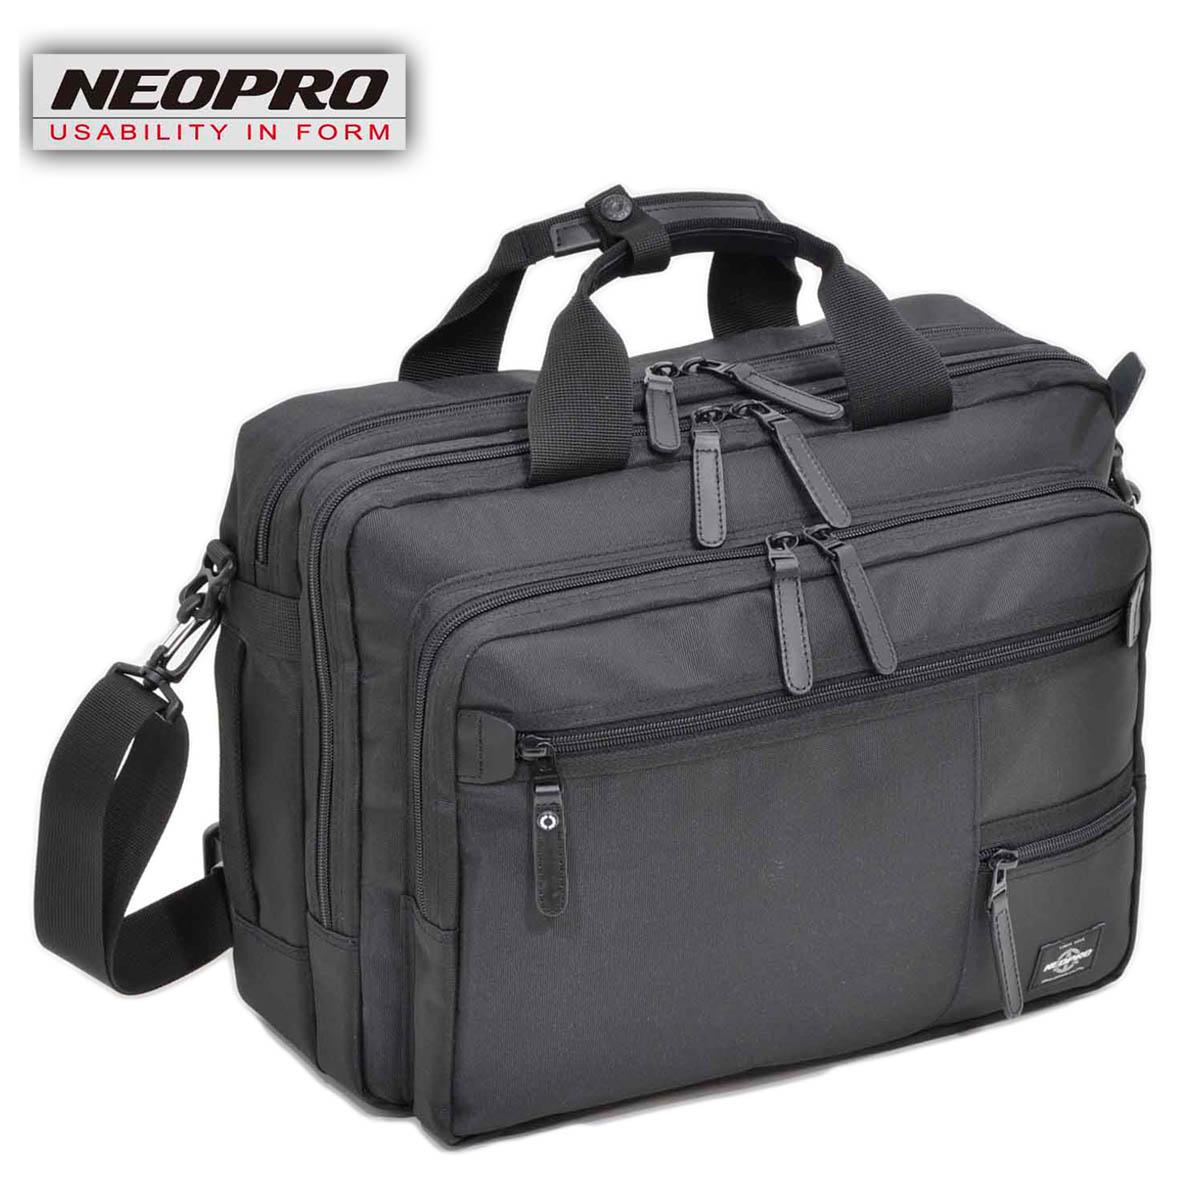 ビジネスバッグ NEOPRO ZIP SERIES ネオプロ No:2-055 2Way 2Room 出張対応 メンズ レディース A4 ファイル ノートPC 対応 軽量 多機能 通勤 通学 就活 エンドー鞄